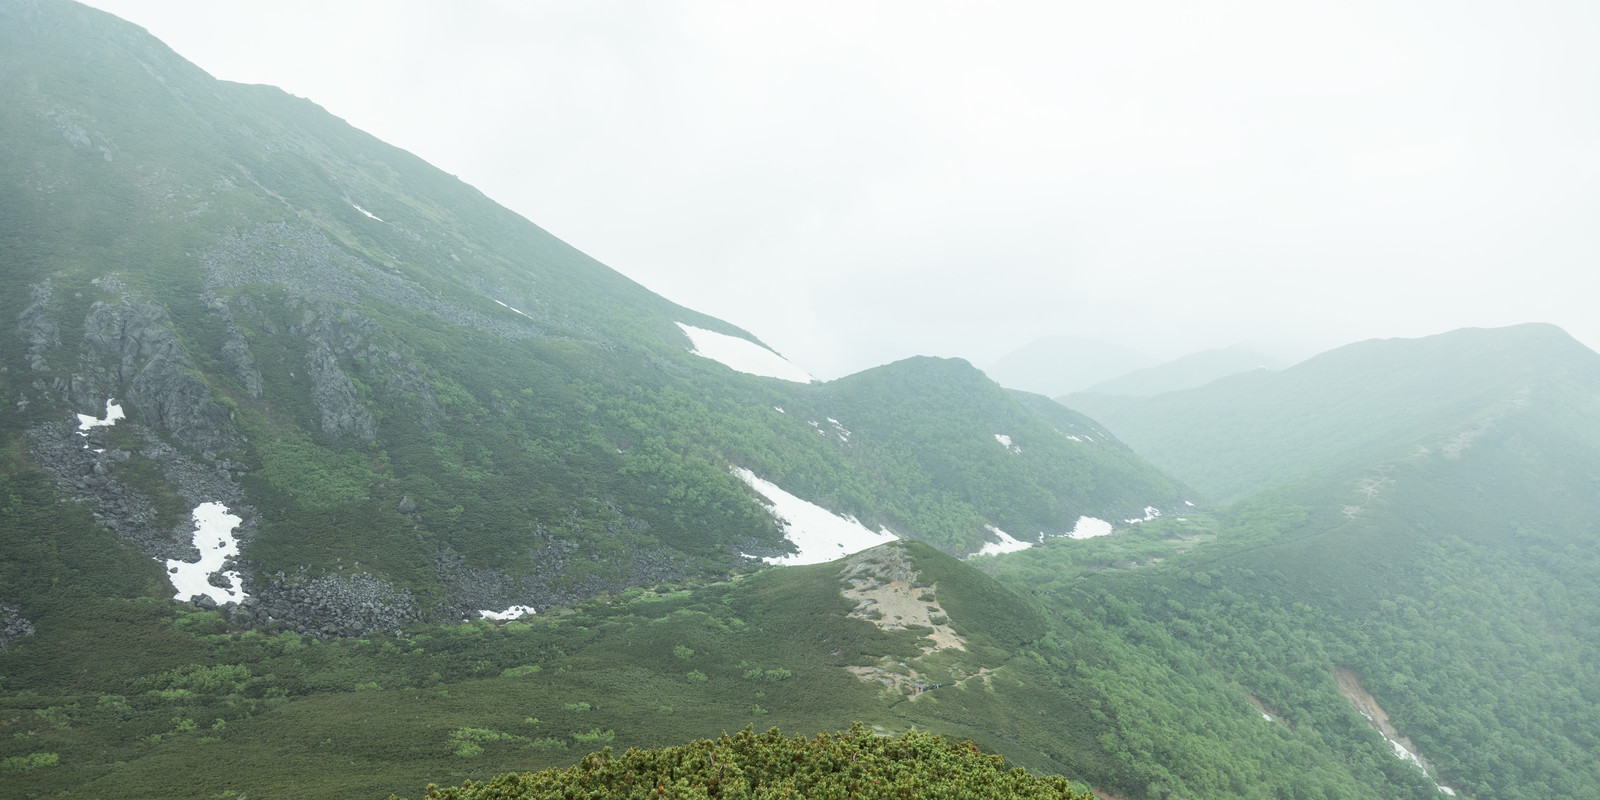 「霧(ガスる)が多くて全景を楽しむことができない乗鞍新登山道」の写真